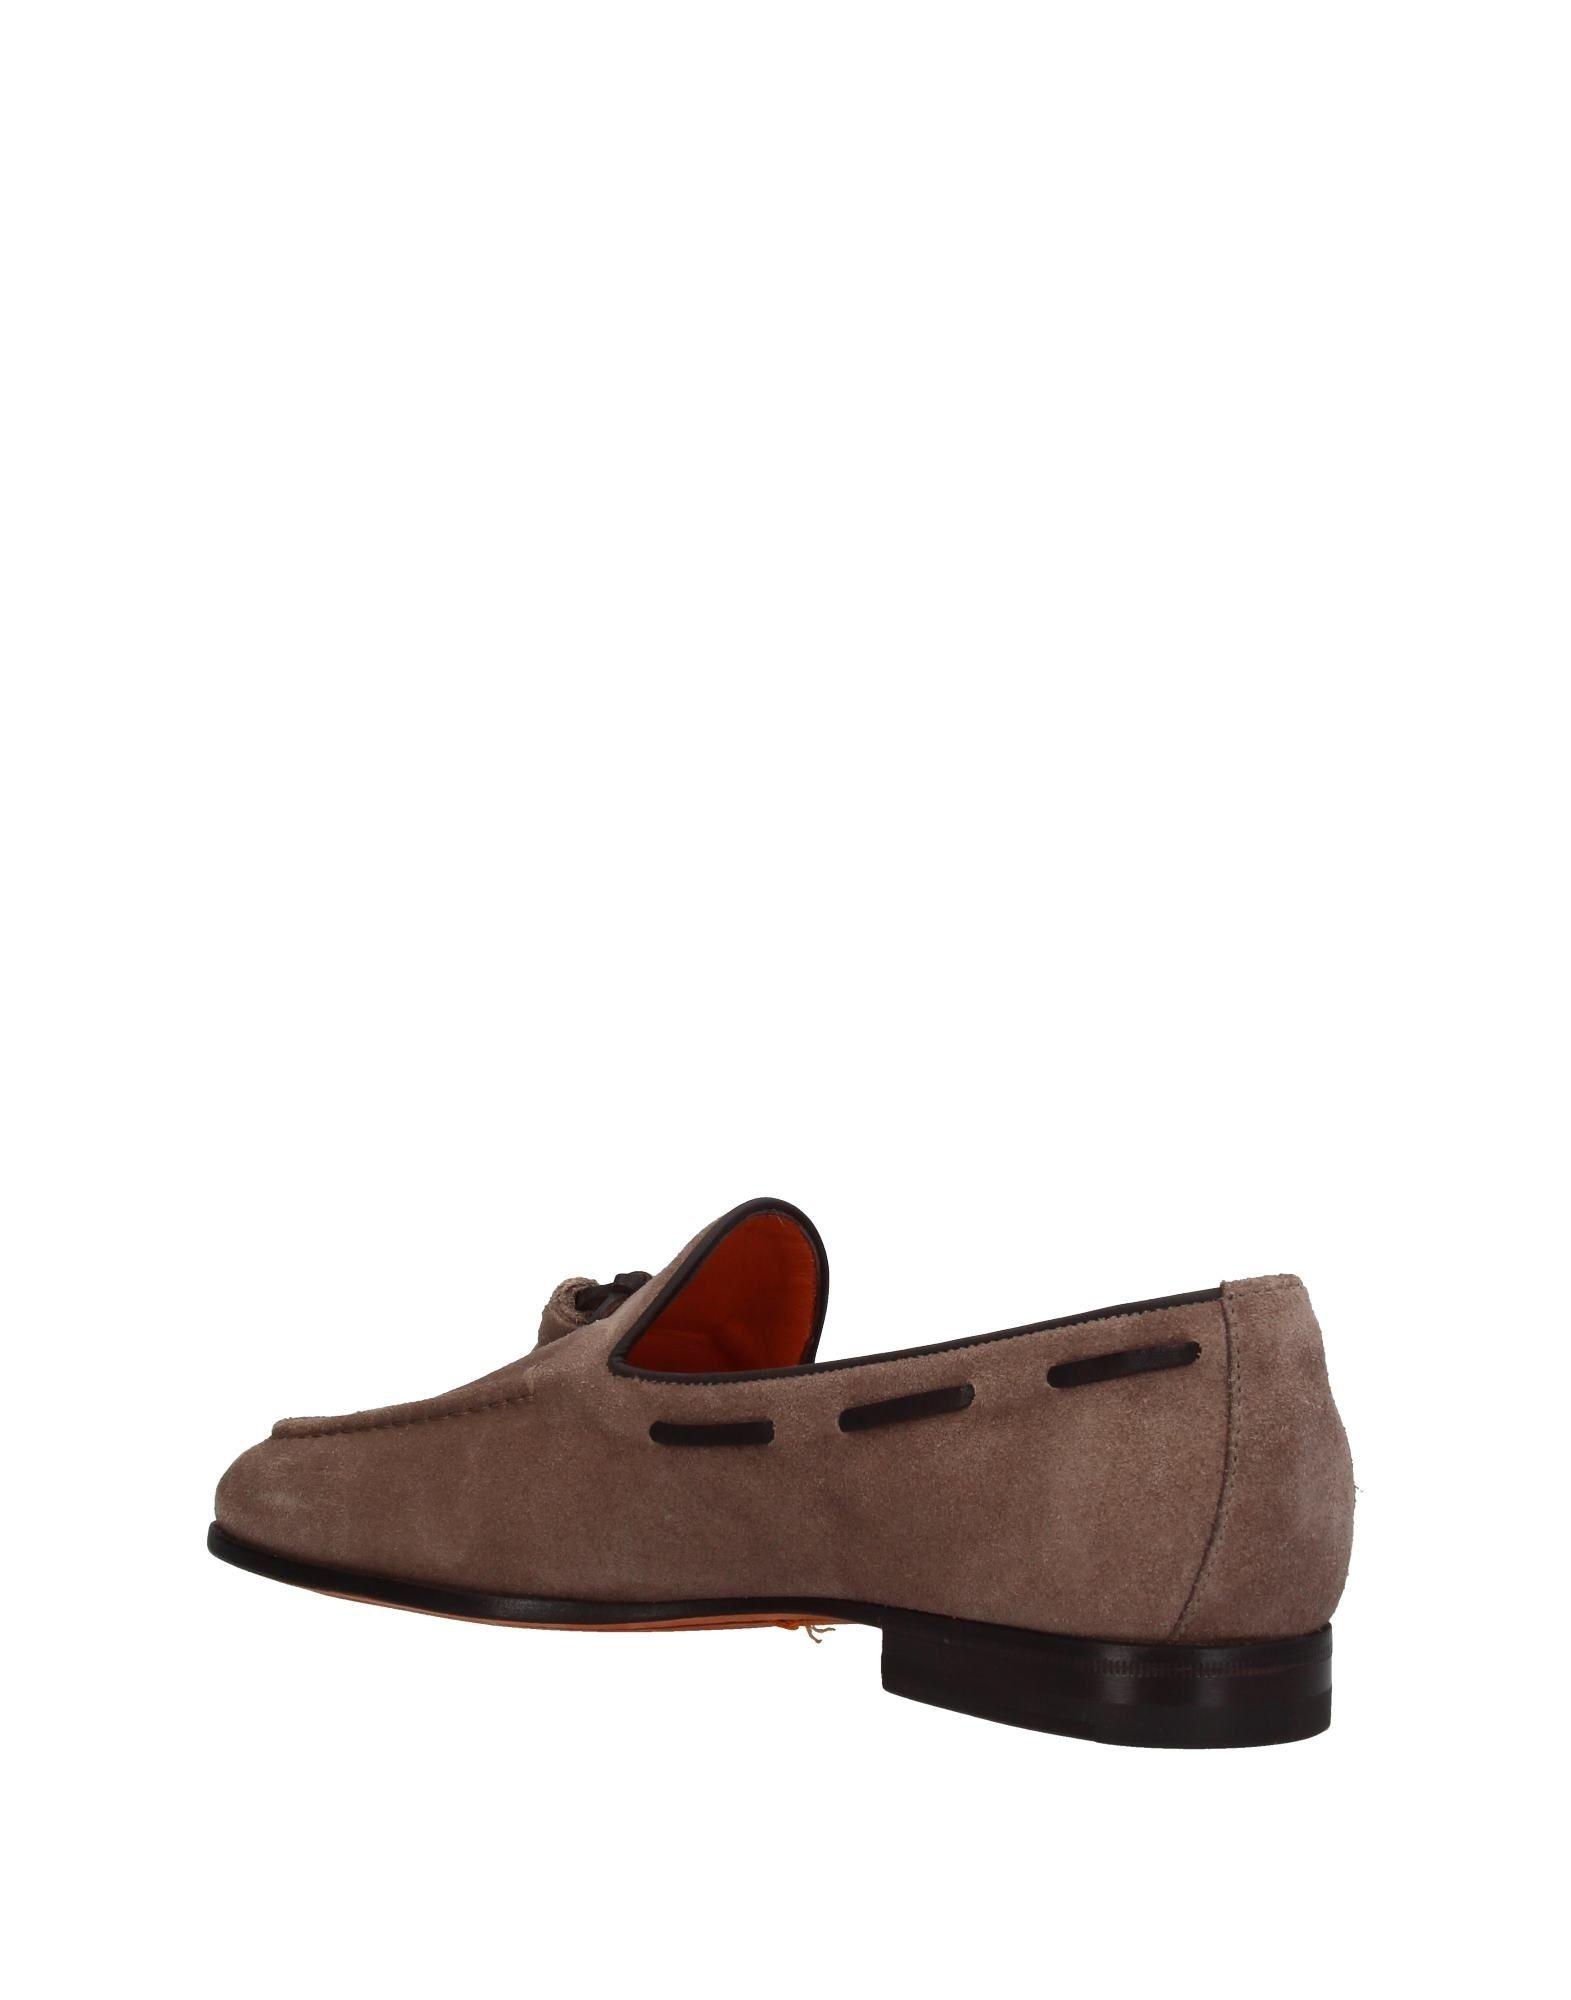 Santoni Mokassins Herren Schuhe  11409614OJ Heiße Schuhe Herren a04c2e